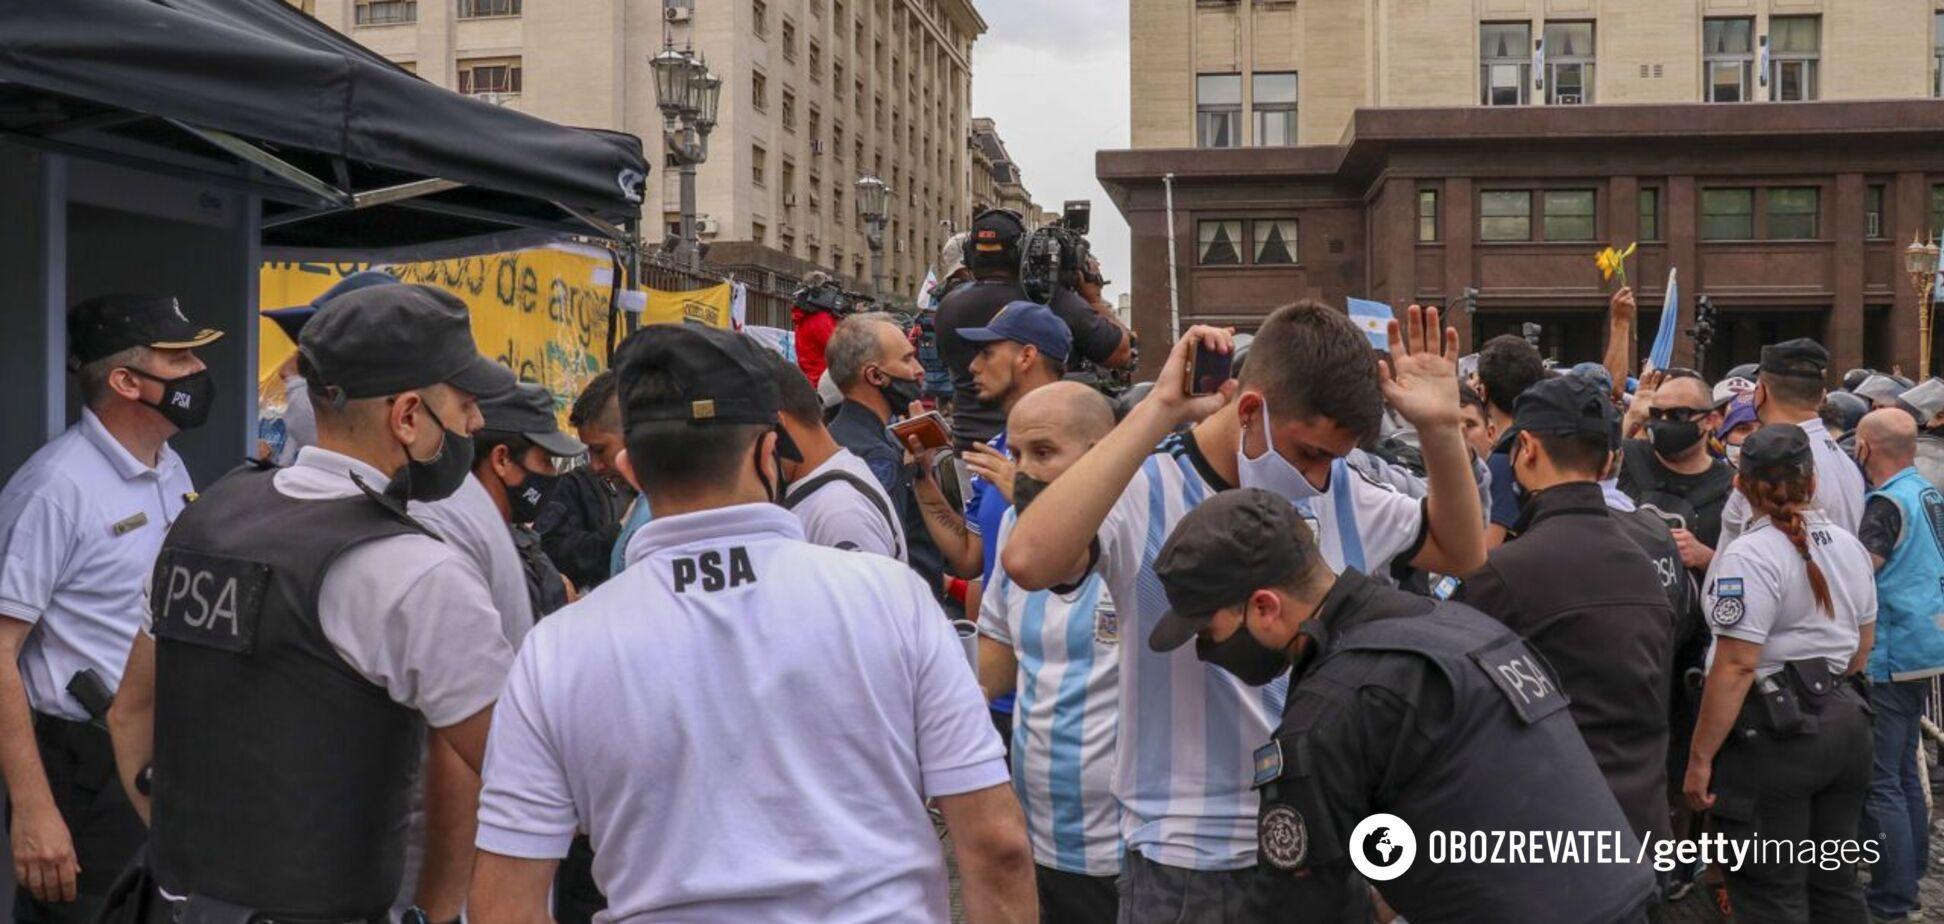 Одного з прихильників Марадони обшукують перед входом в президентський палац